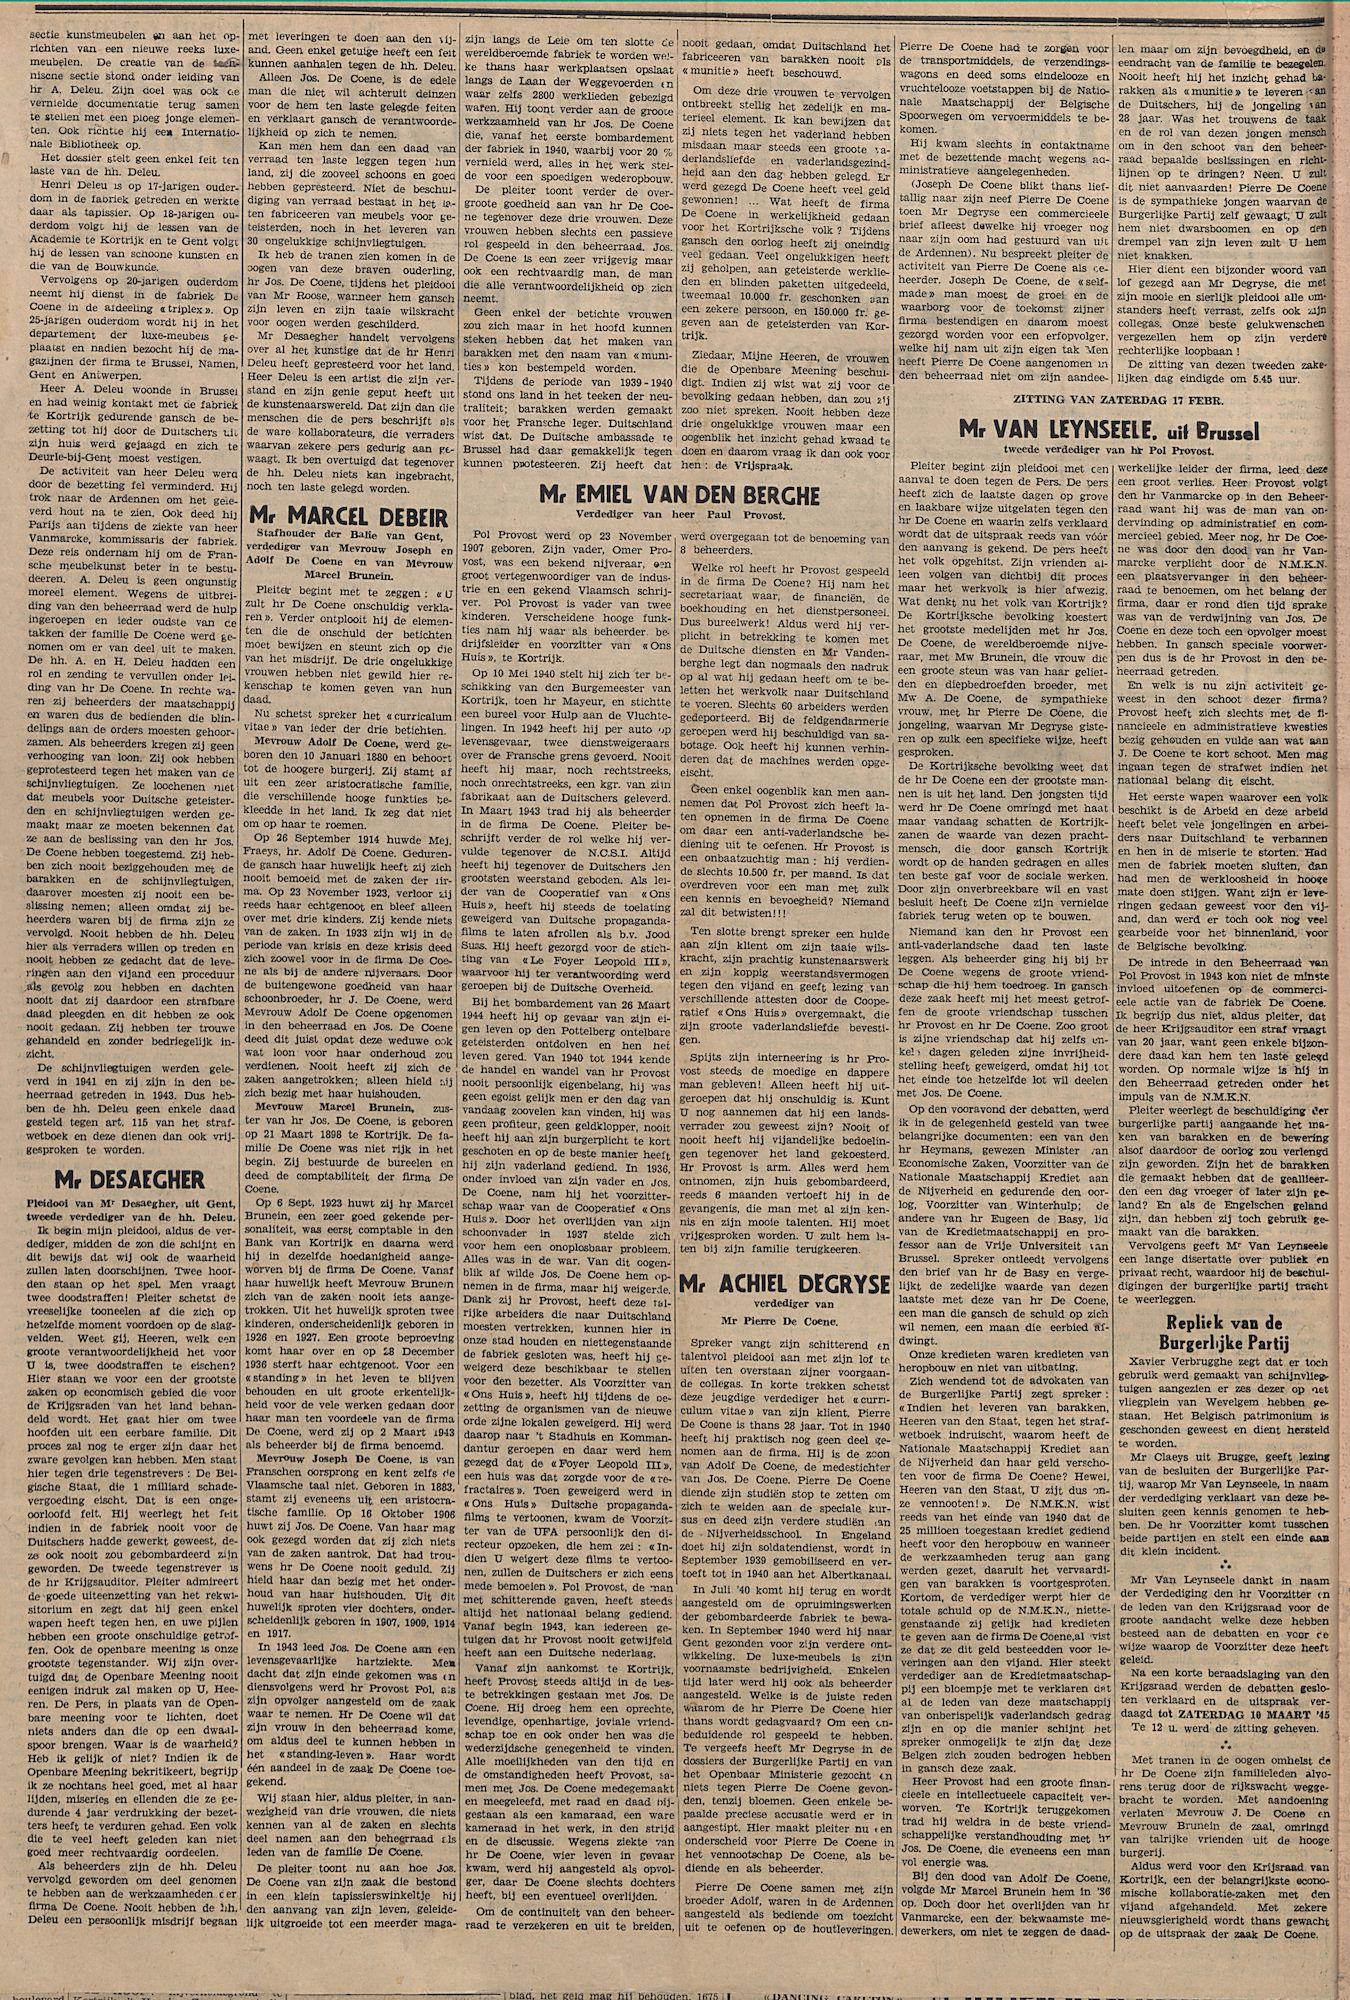 Kortrijksch Handelsblad 18 februari 1945 speciaal nr p2